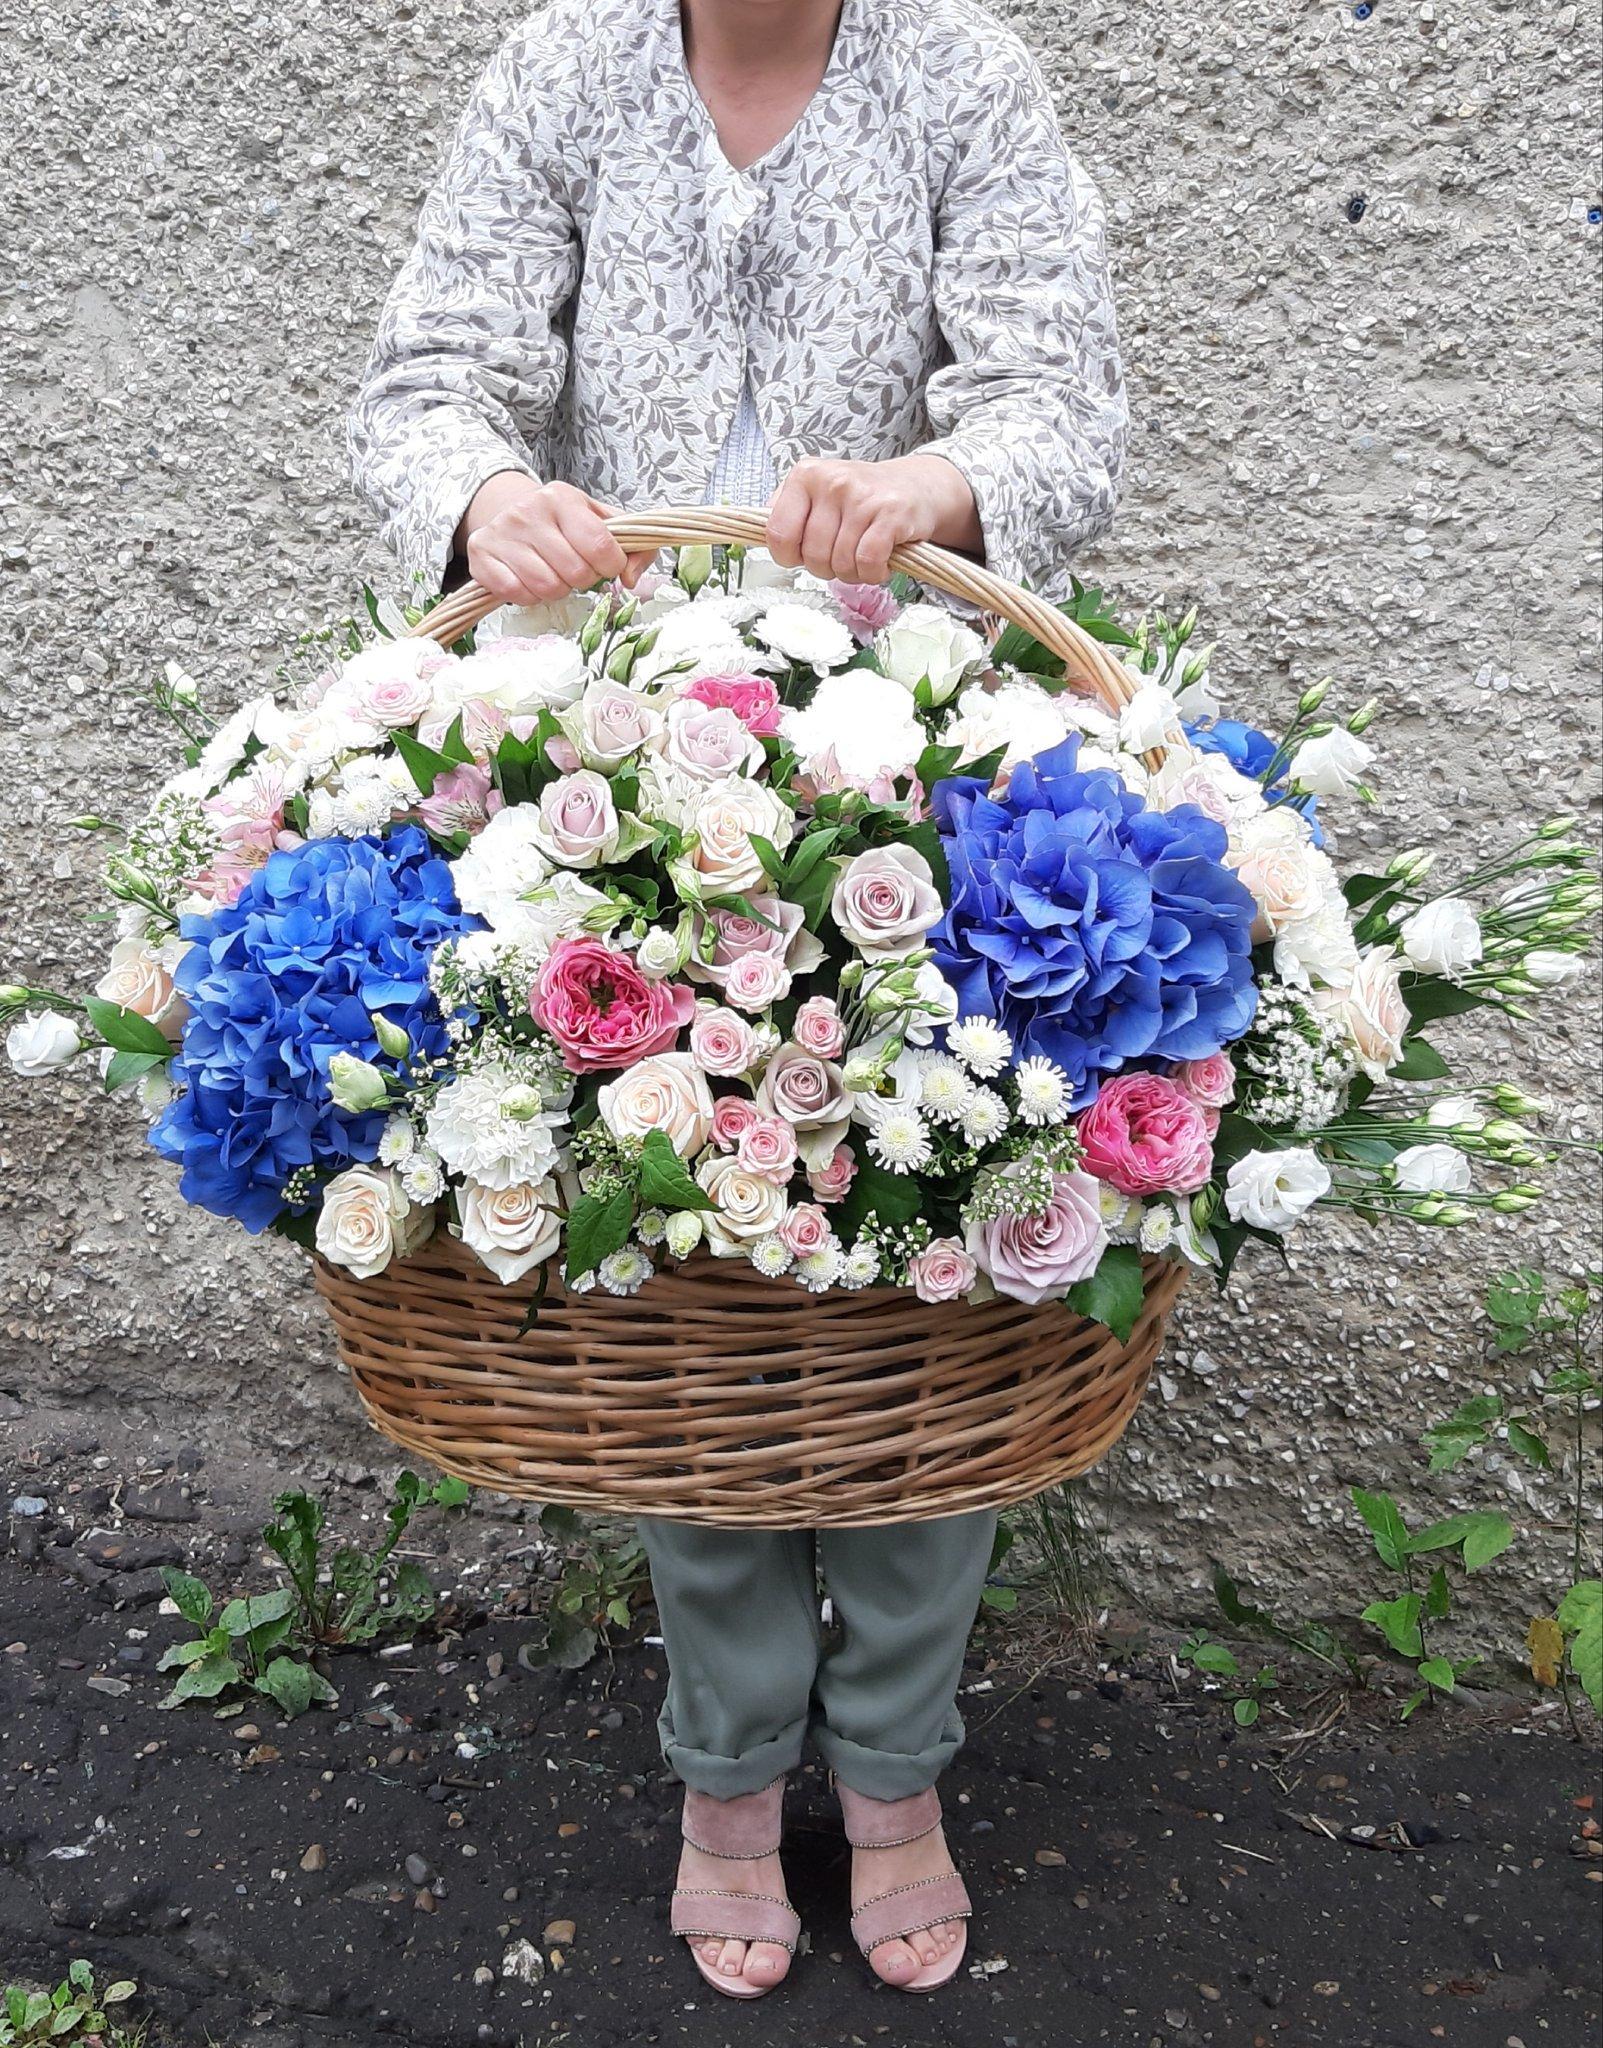 Доставка цветов в саранске отзывы, магазин мир цветов